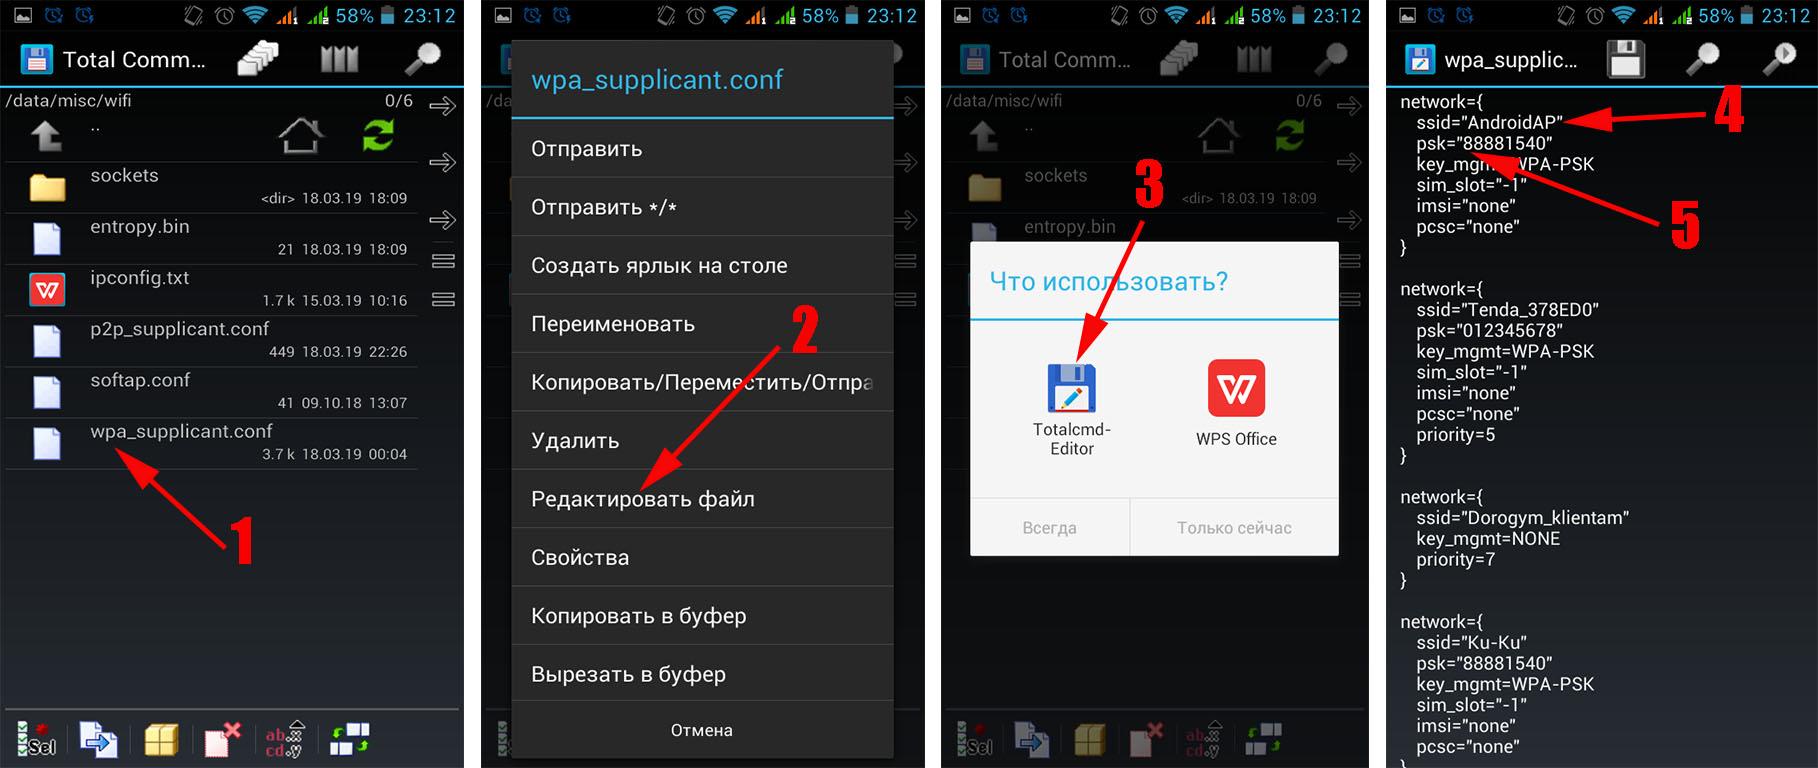 Смотрим пароль в файле wpa_supplicant.conf